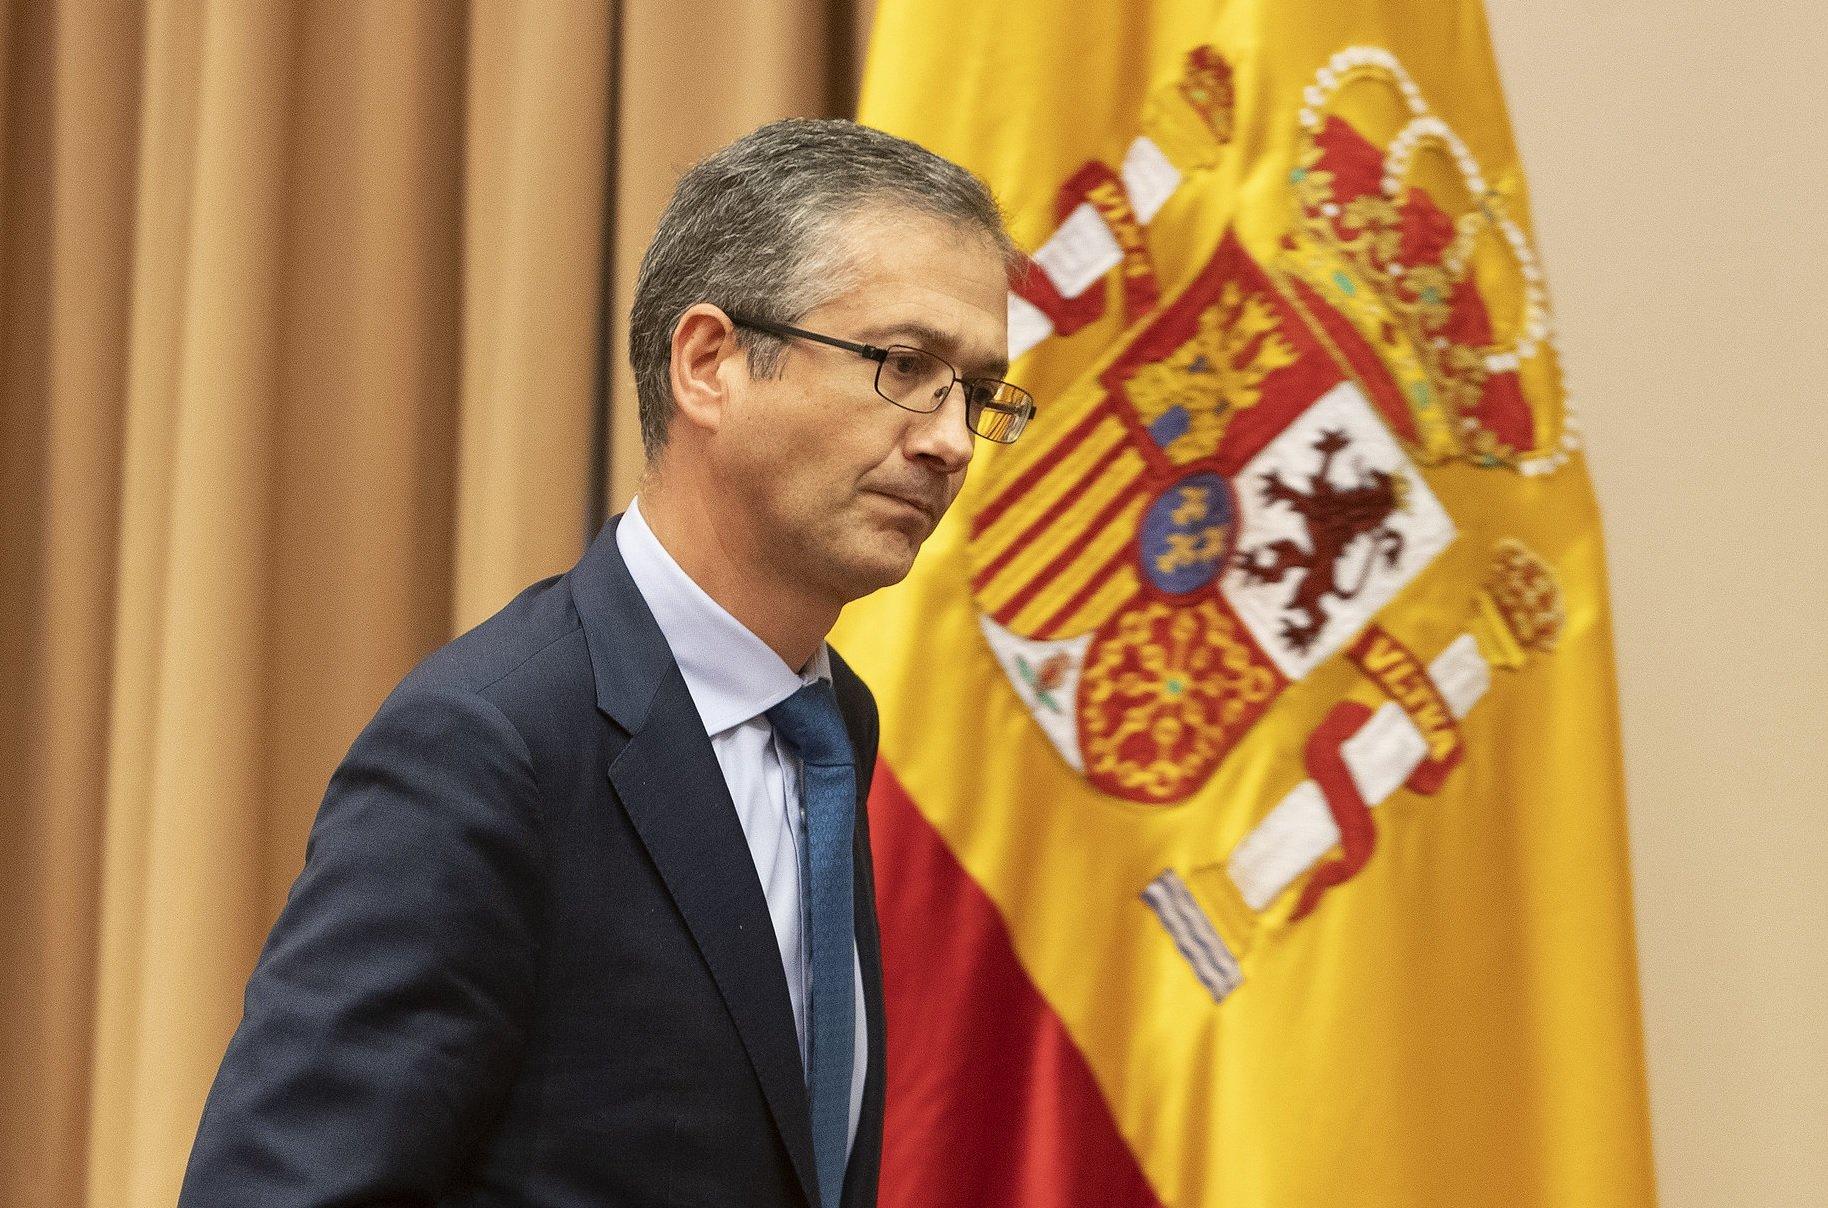 El gobernador del Banco de España, Pablo Hernández de Cos, se desmelena: apoya la reforma laboral y critica la subida del salario mínimo